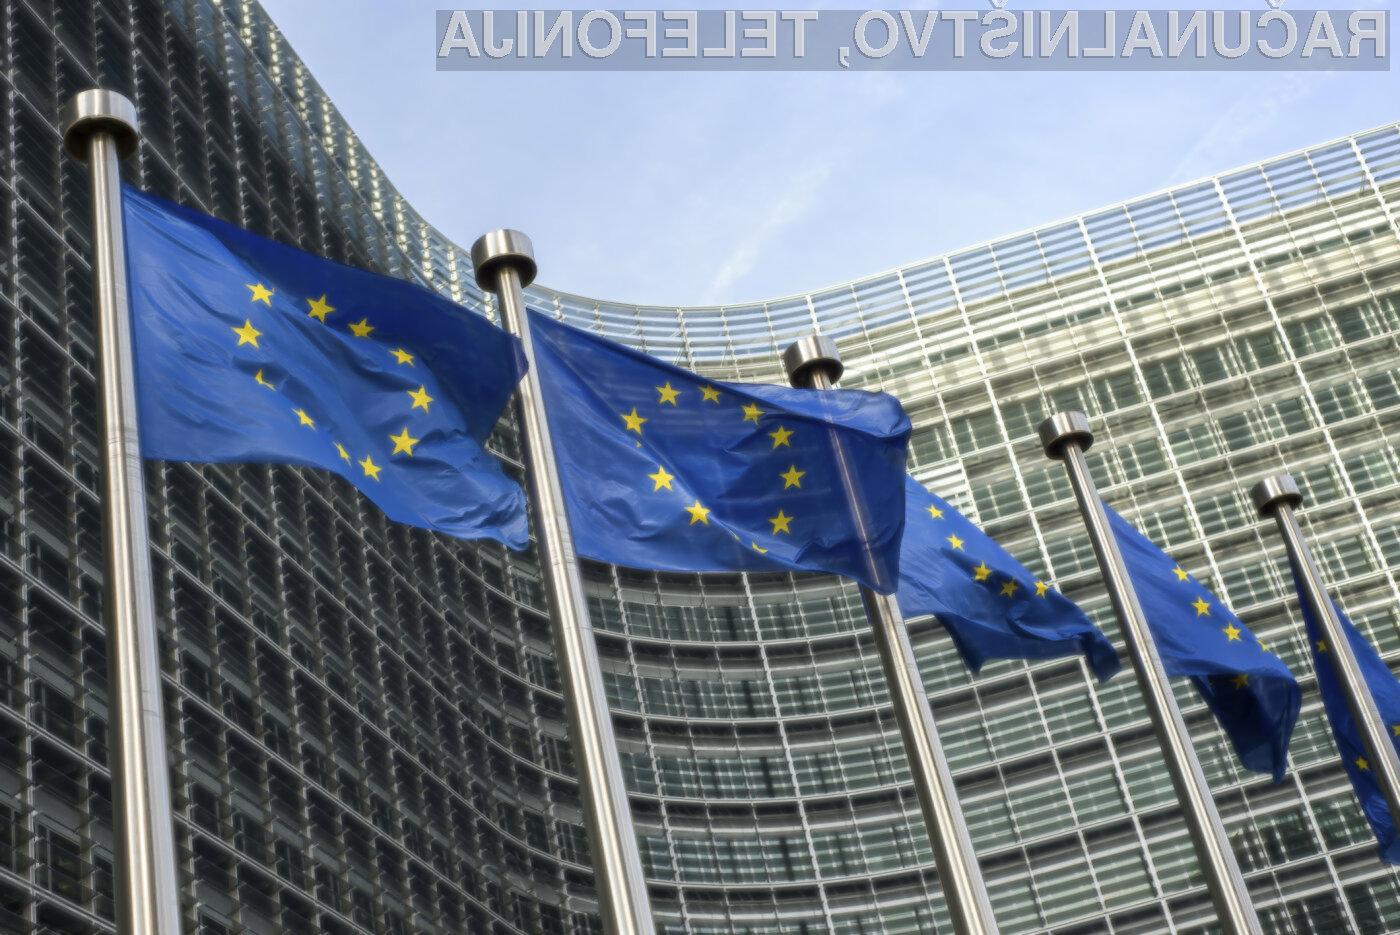 Evropska unija želi narediti red na področju pretočnih vsebin.